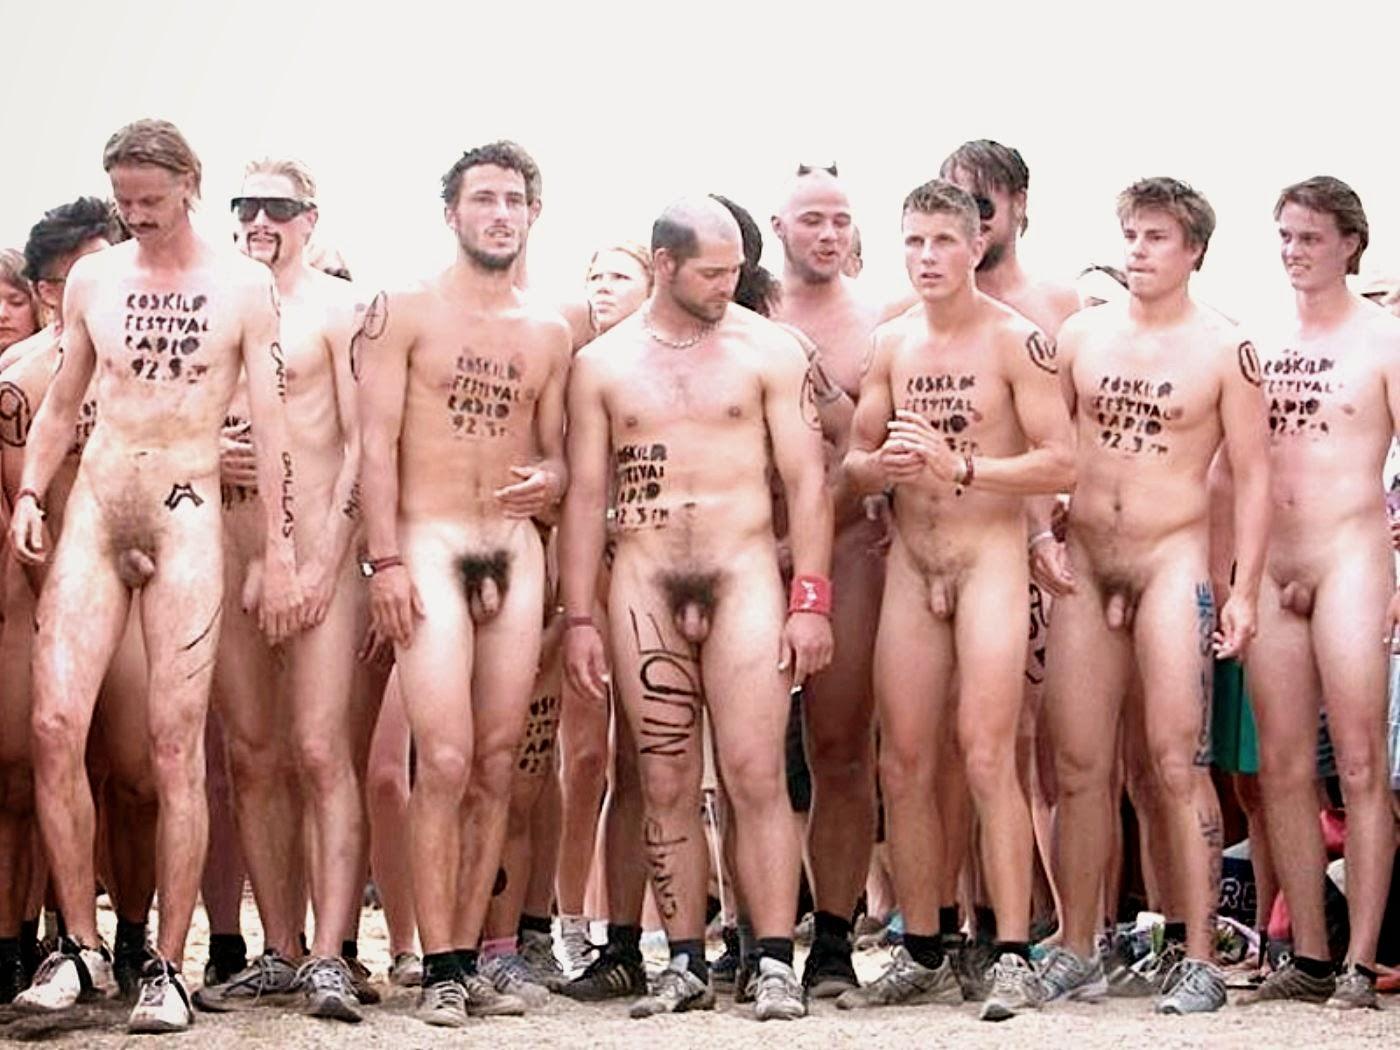 homo fotograf nøgenfotos sex i roskilde